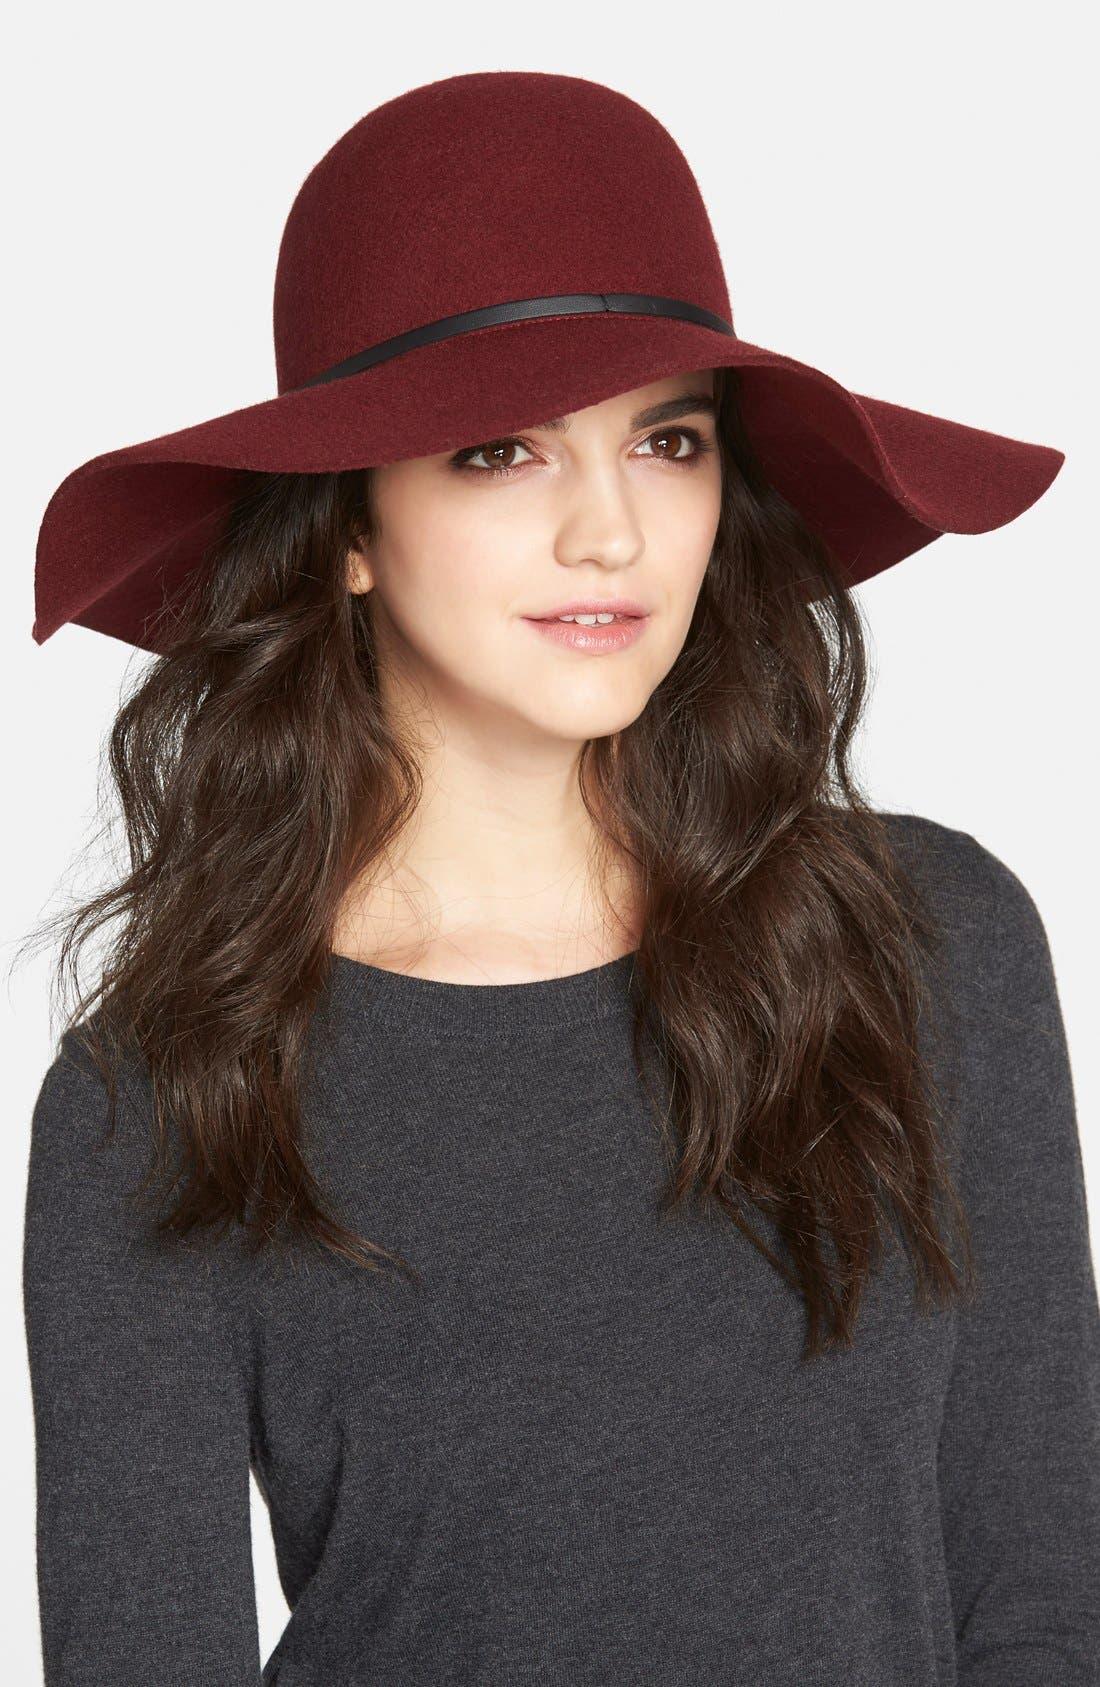 Alternate Image 1 Selected - Hinge Floppy Felt Hat